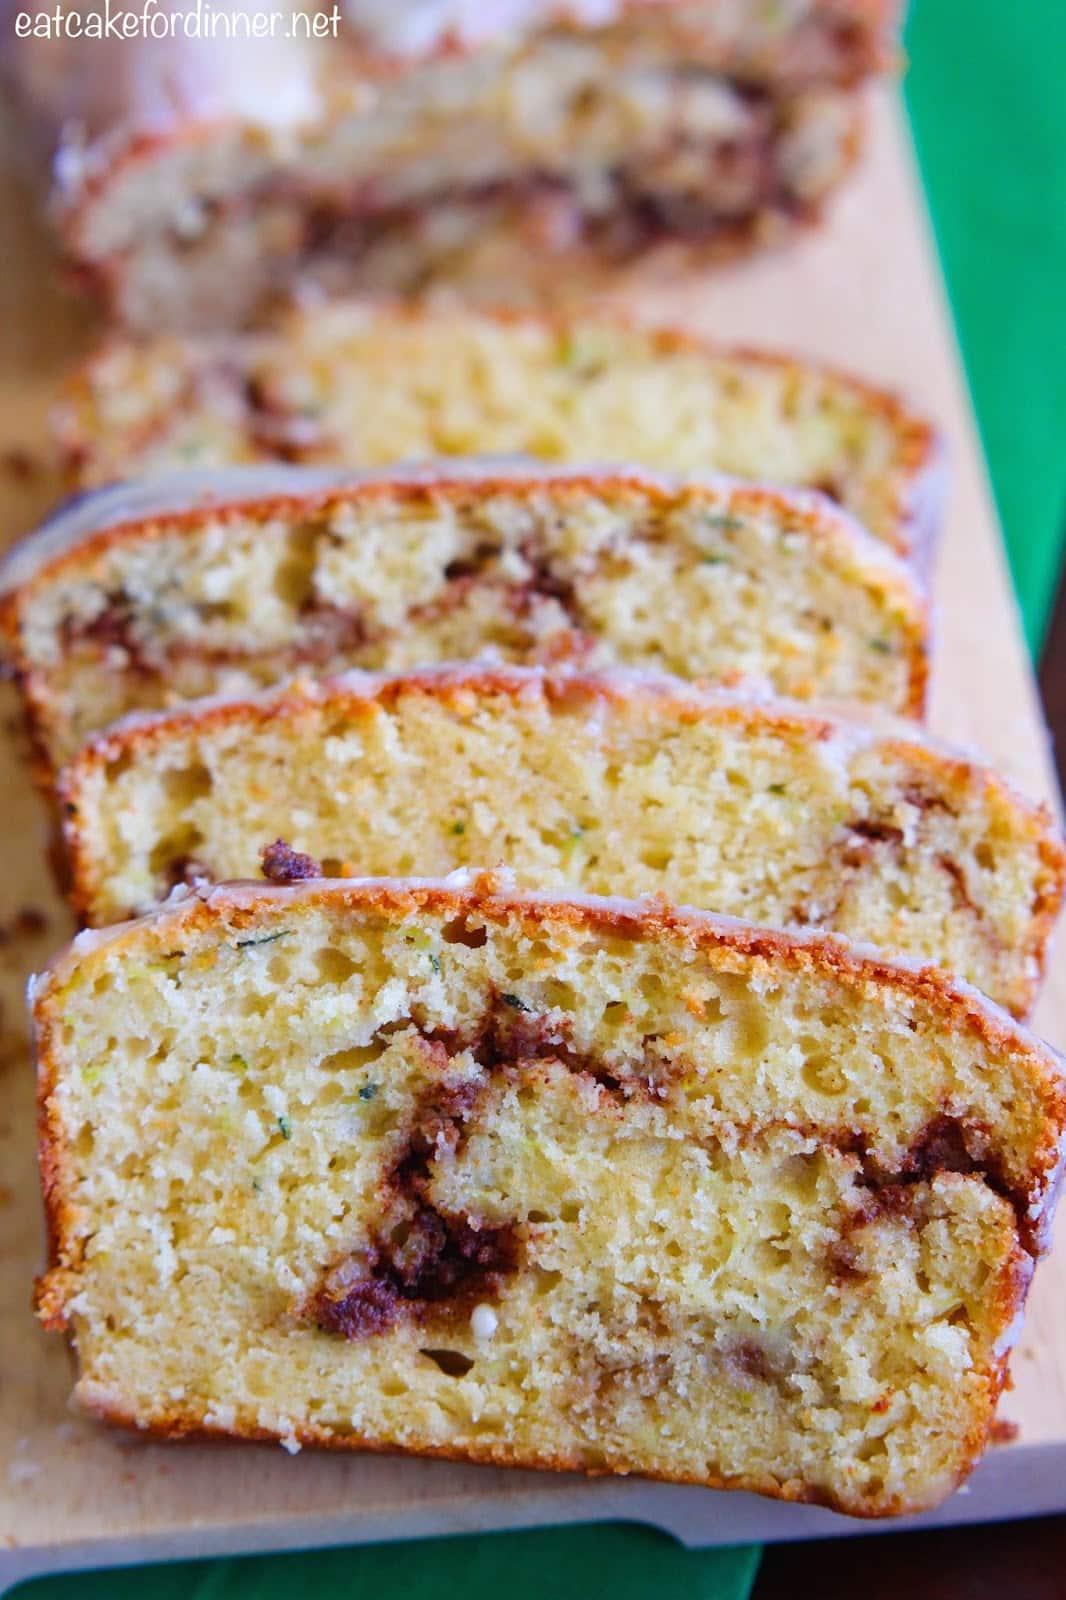 18 Zucchini Bread Recipes Everyone Will Love: Cinnamon Roll Zucchini Bread